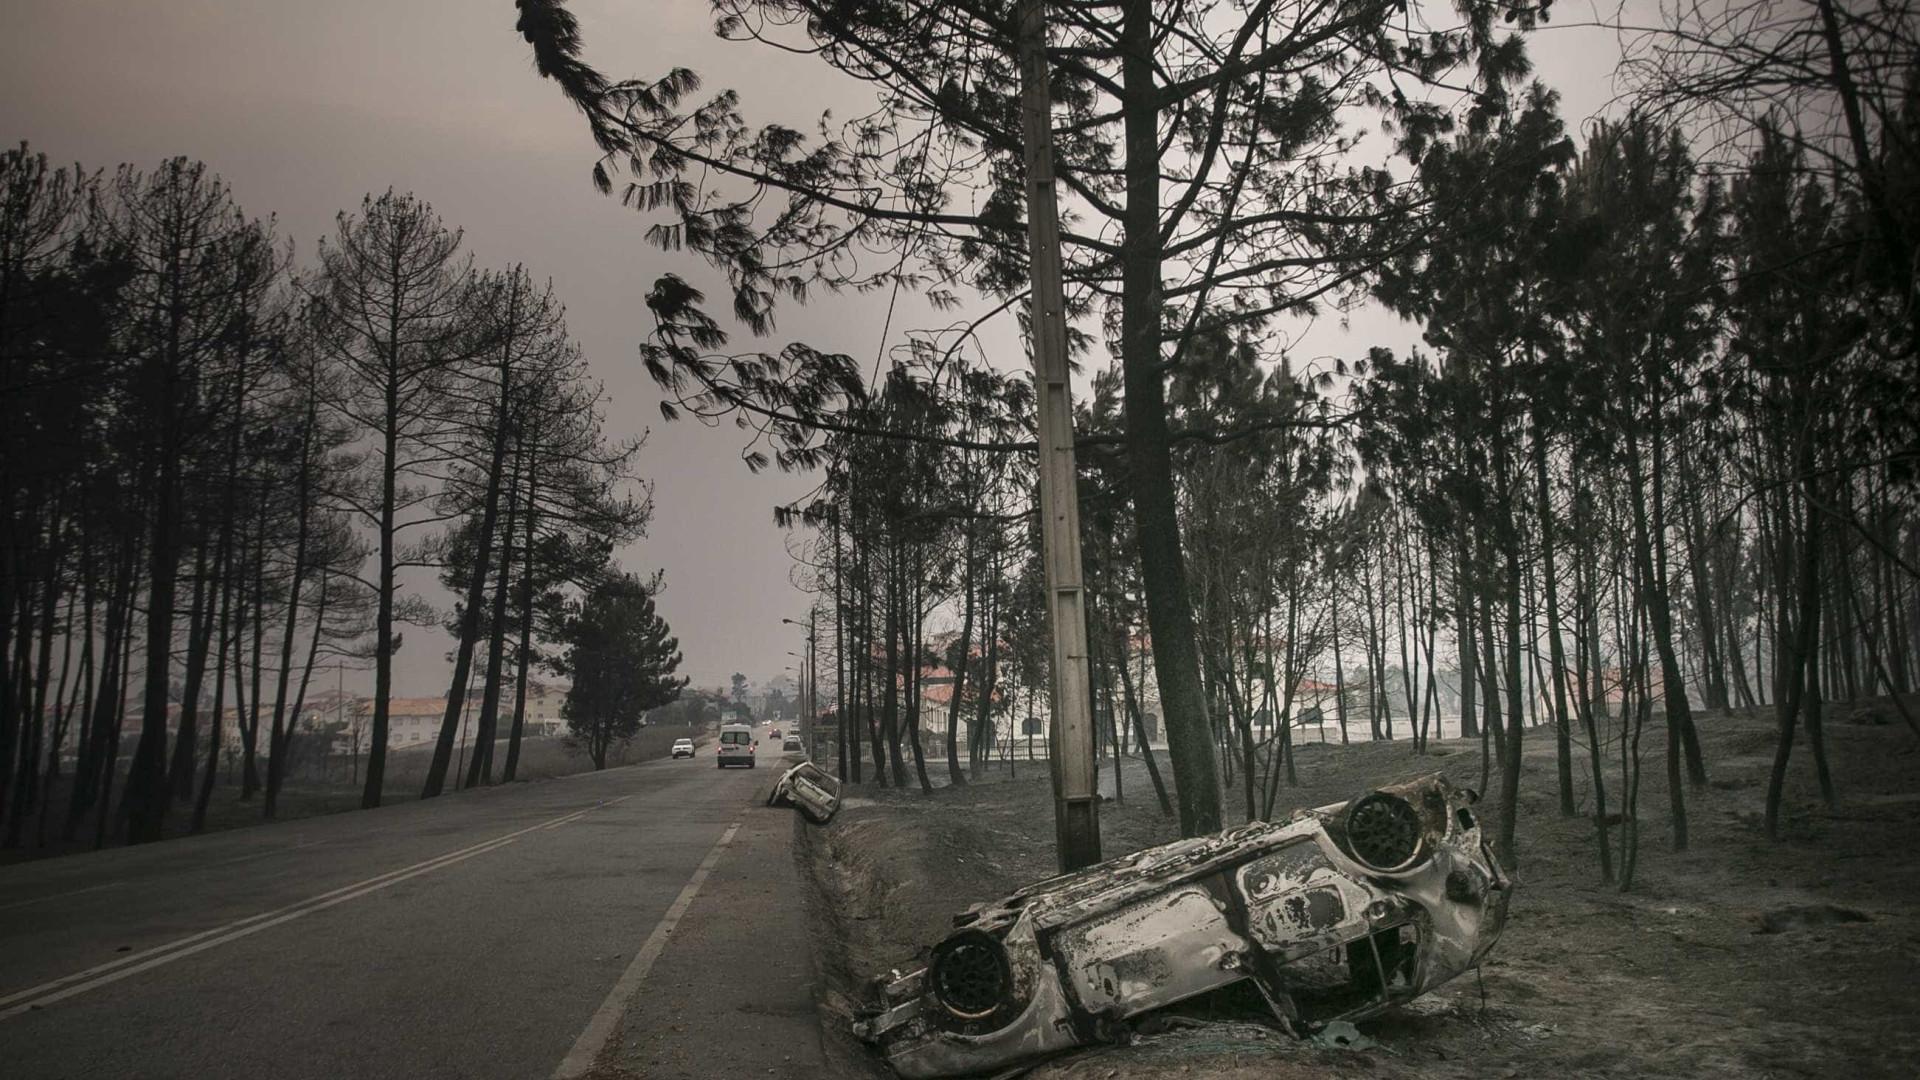 Governo vai apostar mais na prevenção dos incêndios em 2018